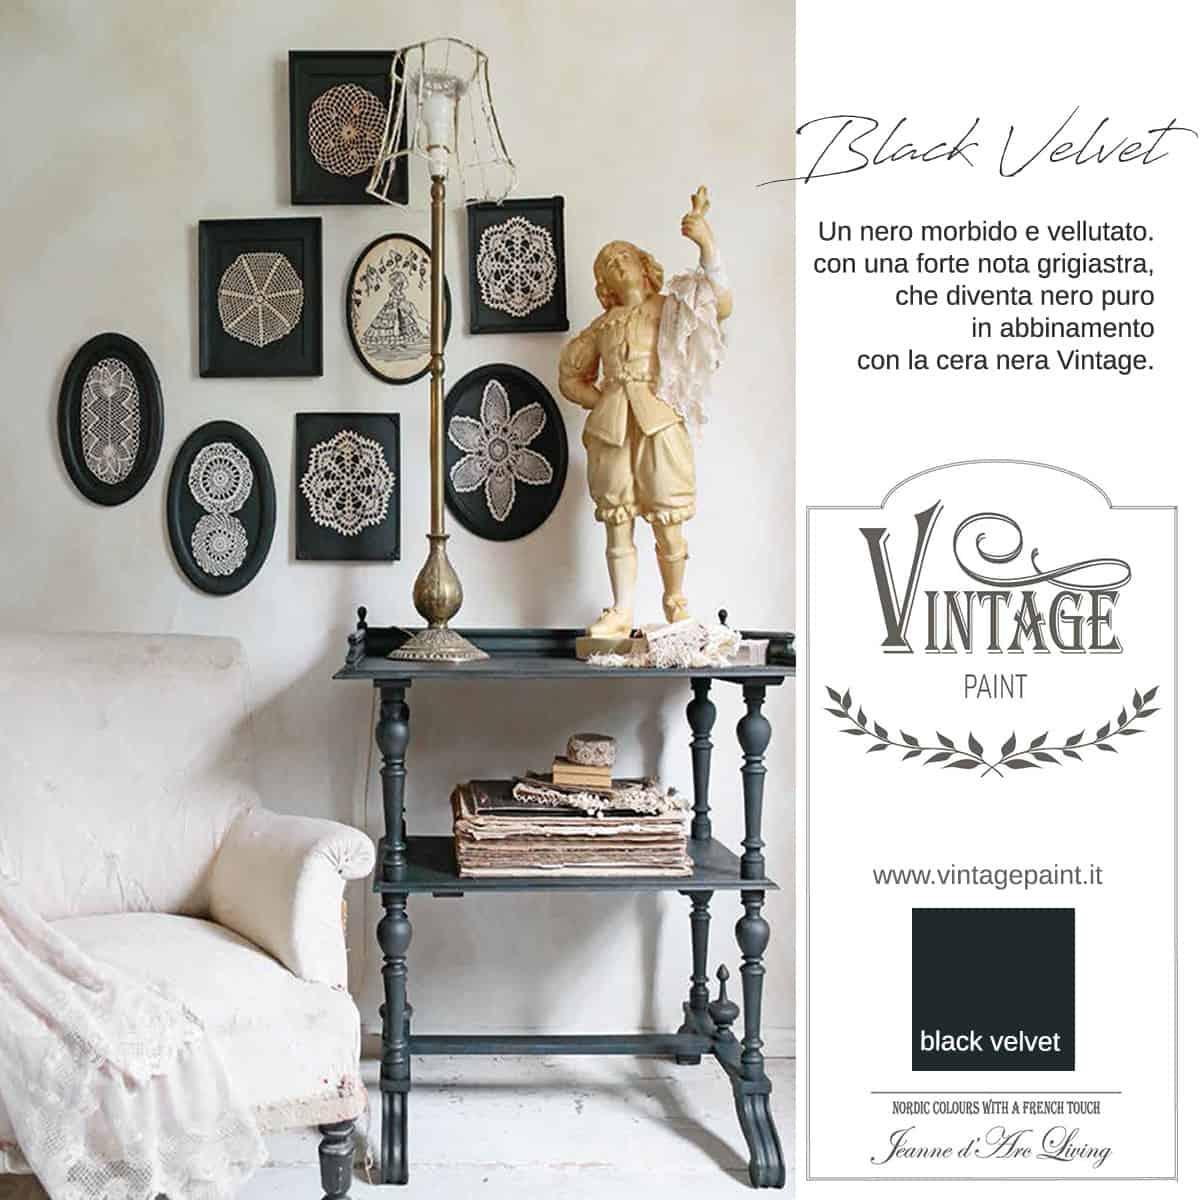 black velvet nero lavagna vintage chalk paint vernici shabby chic autentico look gesso